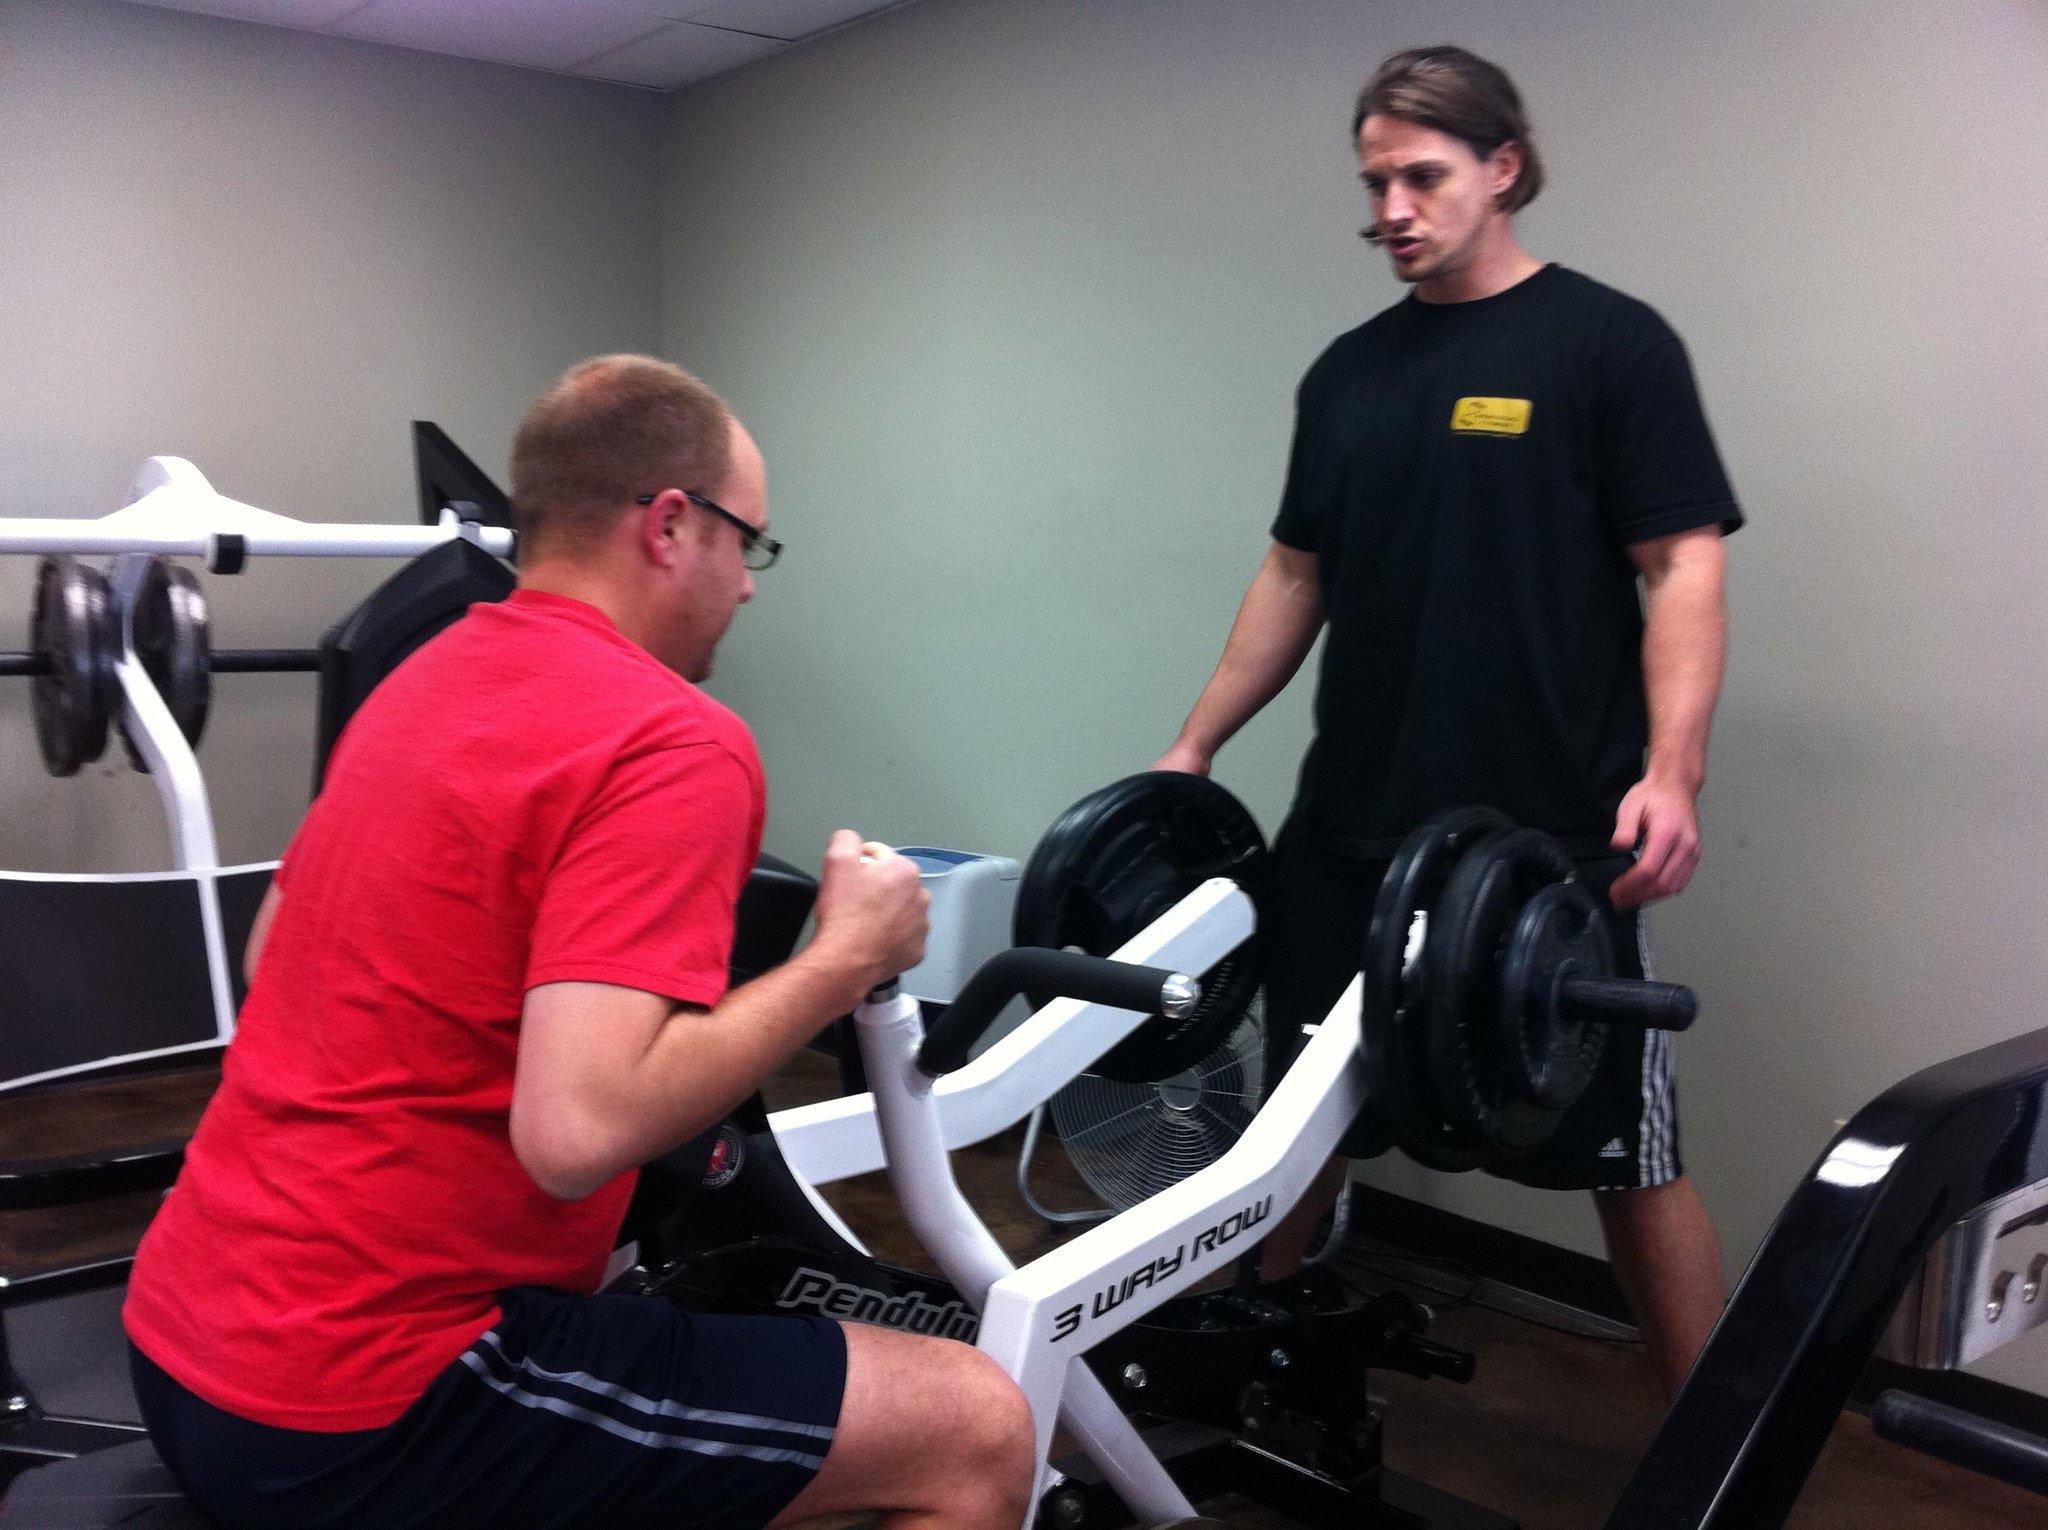 Practical Fitness Westlake Hills image 4